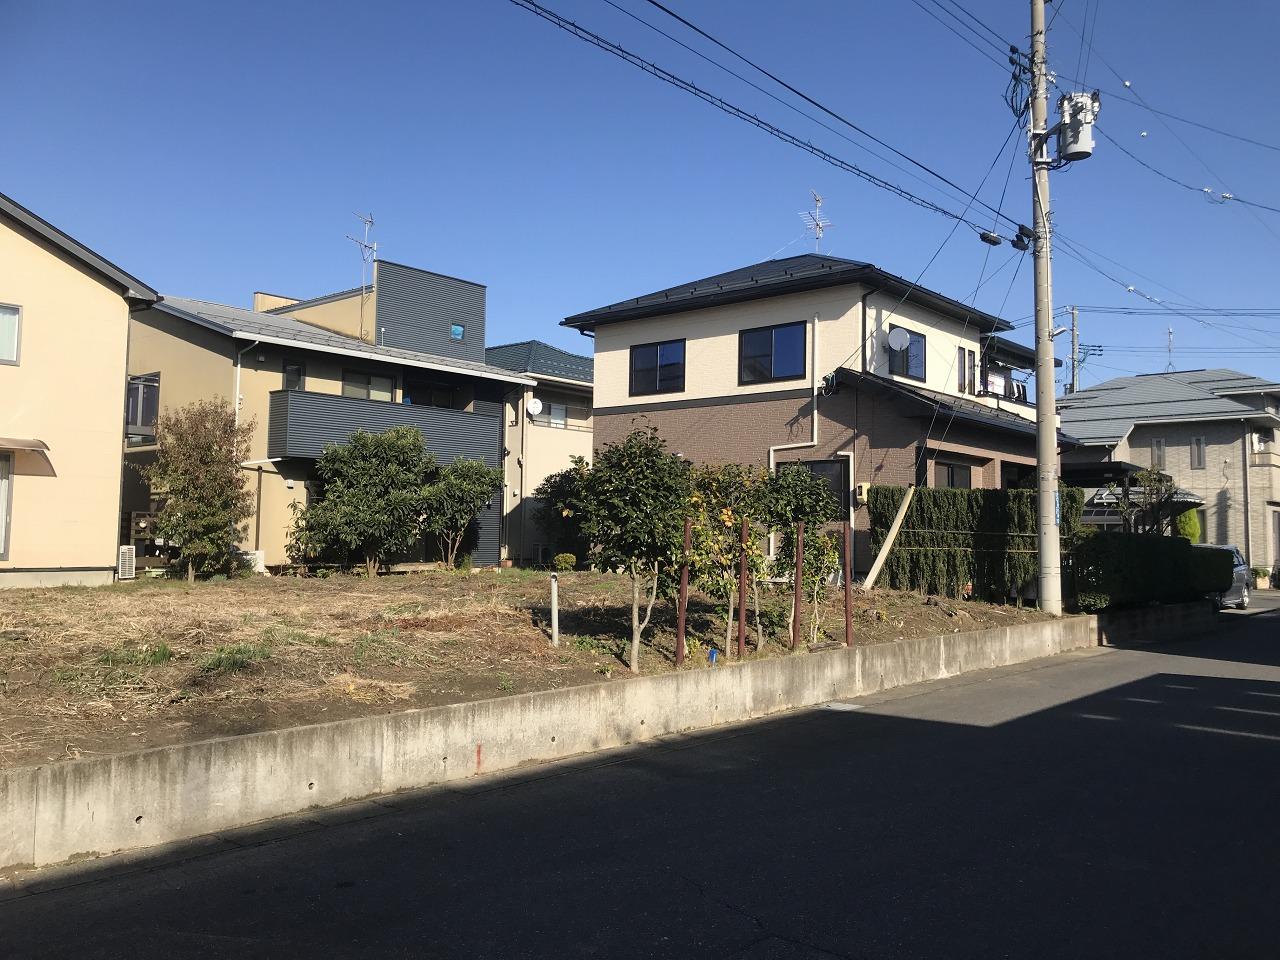 新潟県新潟市秋葉区あおば通2丁目の区画図